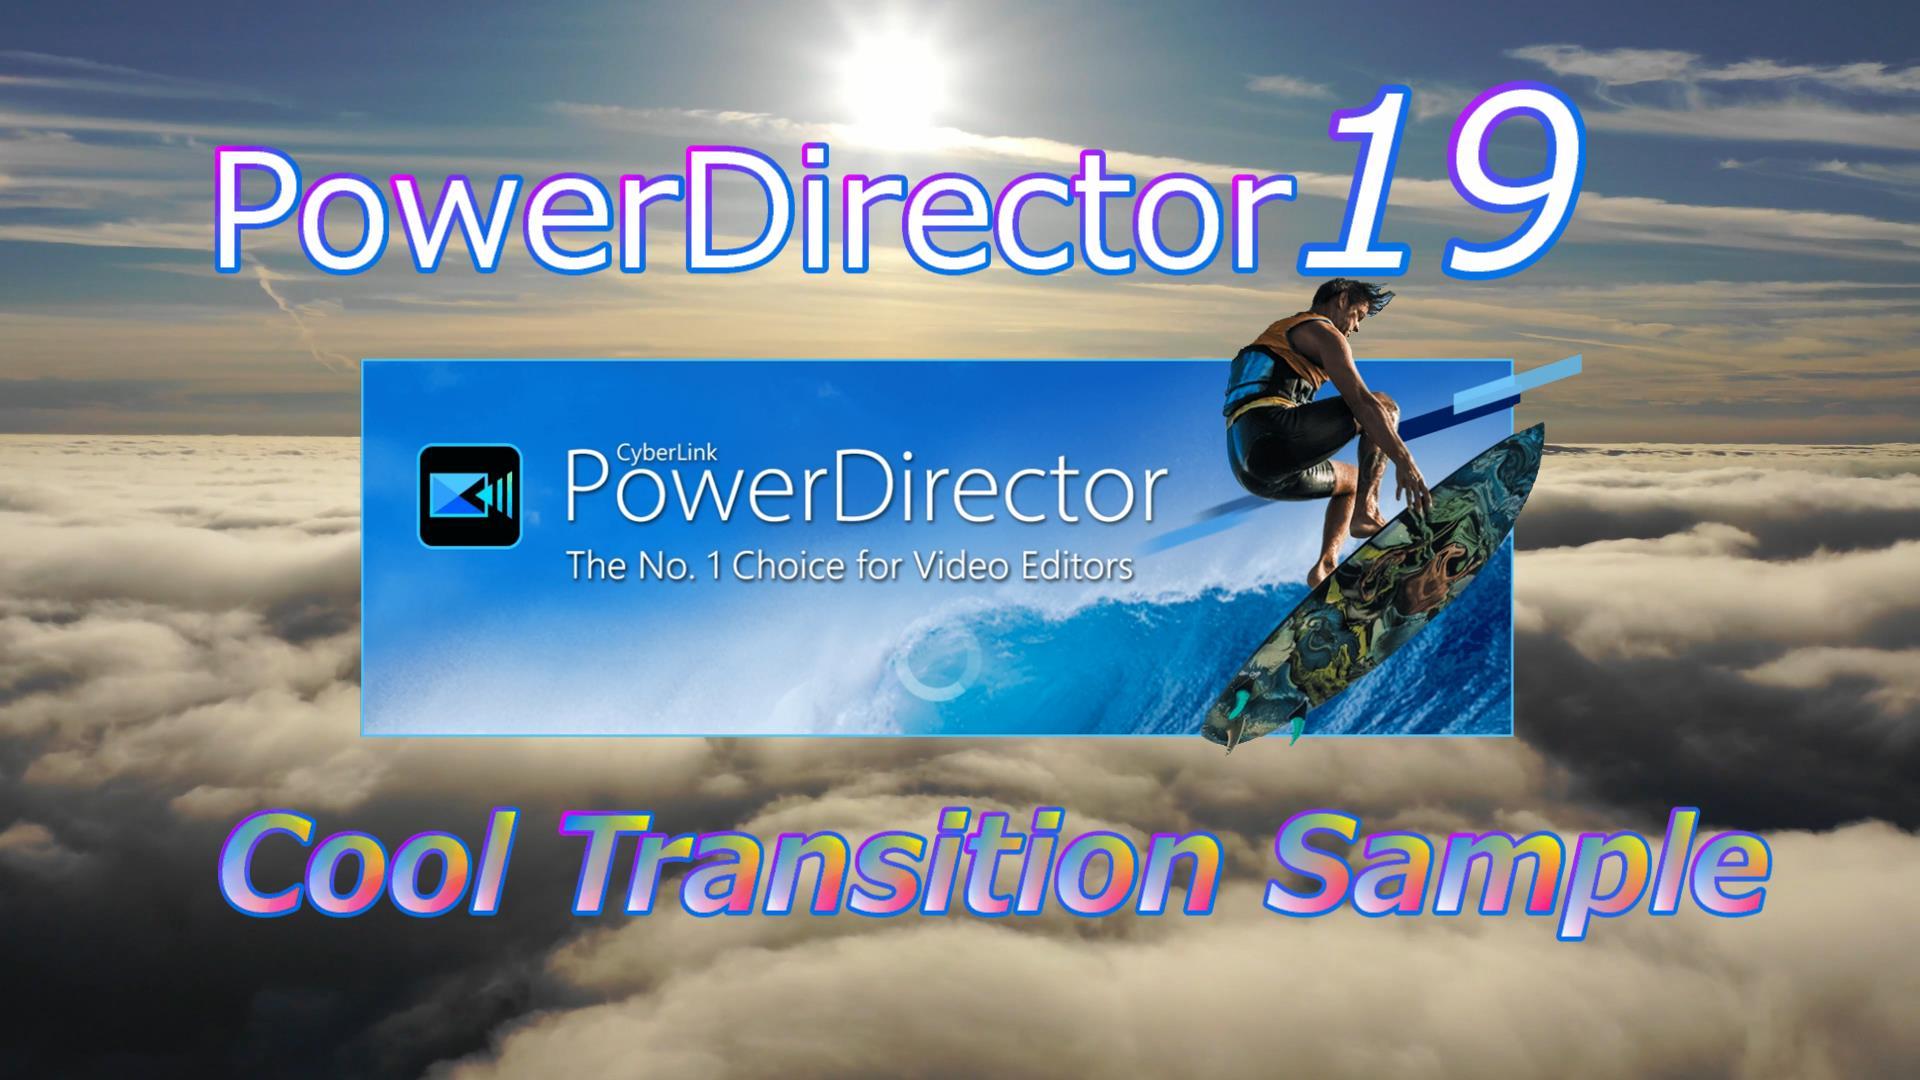 PowerDirector 19に新たに加わった30種のトランジションからかなり使えそうな13種類をサンプル動画にしました